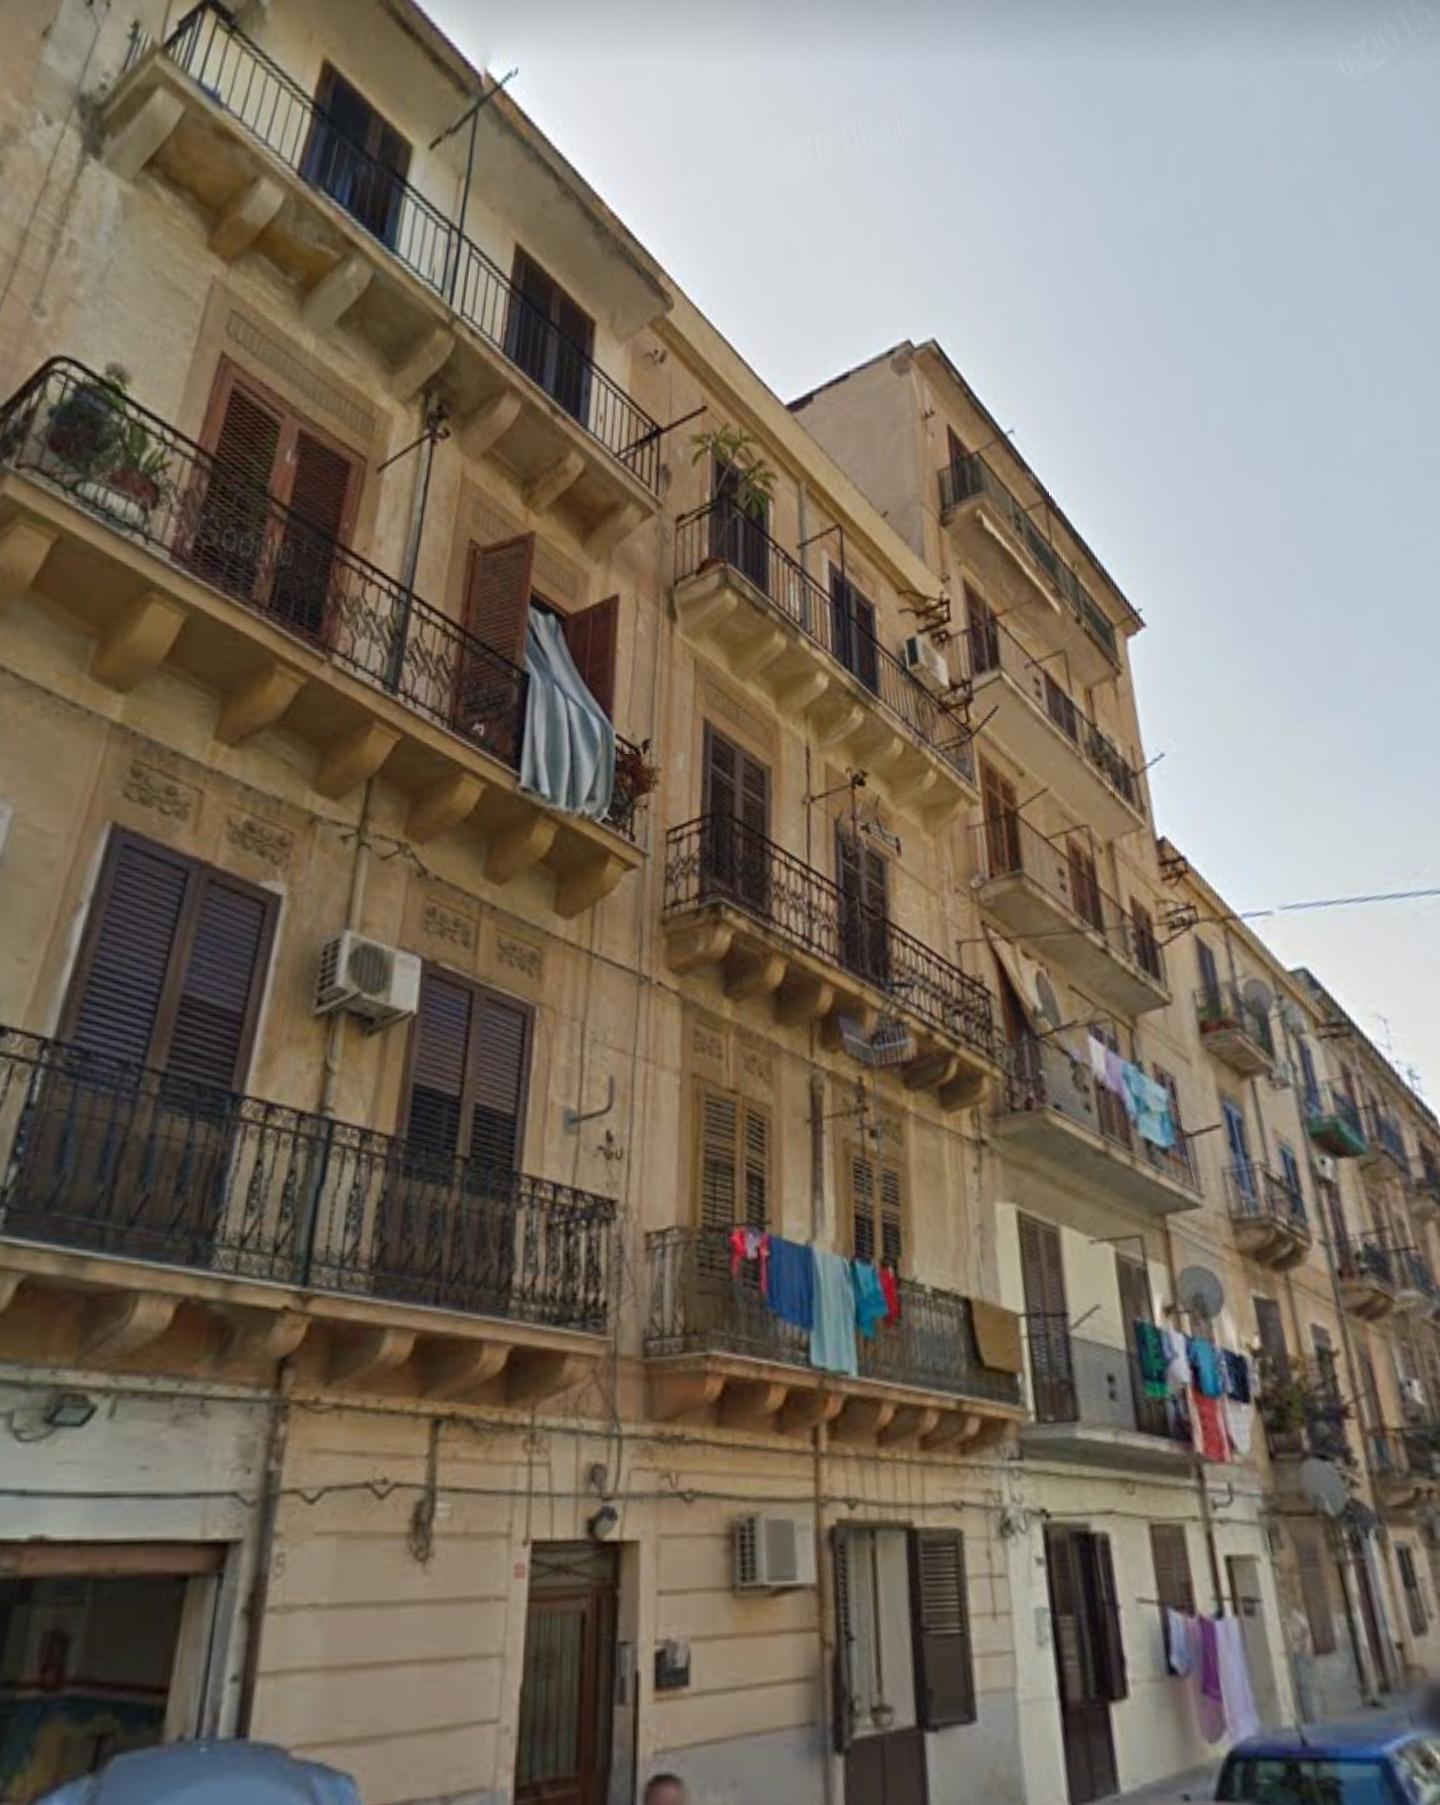 Appartamento in vendita a Palermo, 5 locali, zona Zona: Oreto, prezzo € 69.000 | CambioCasa.it